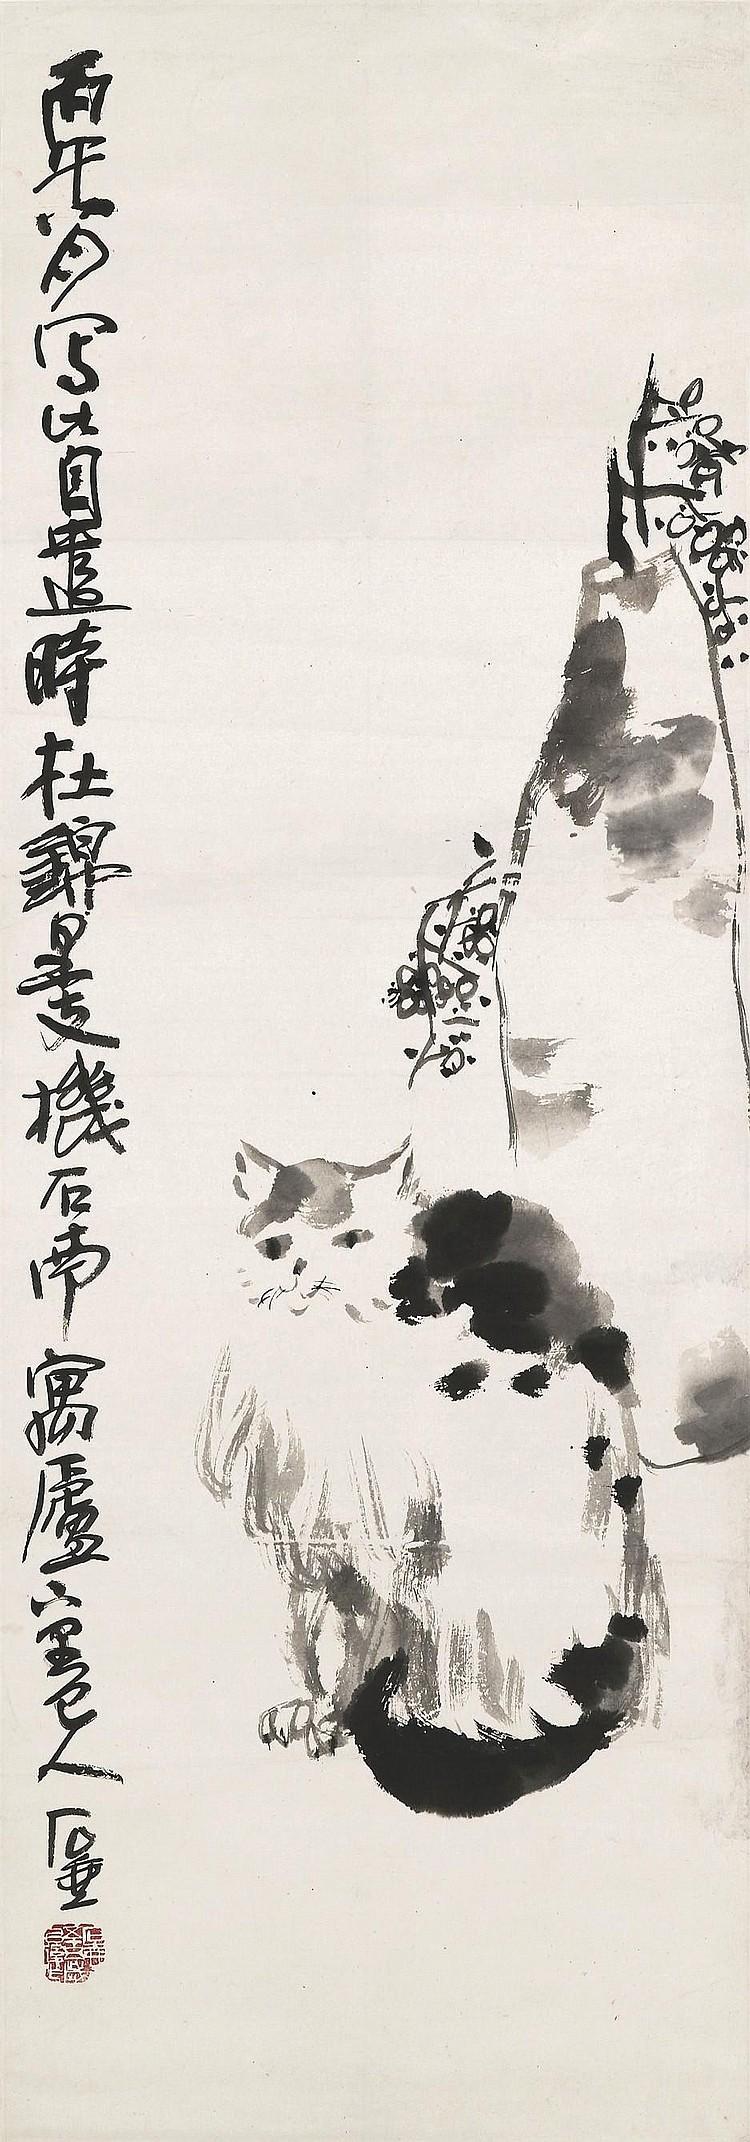 SHI HU (1913 - 1976)